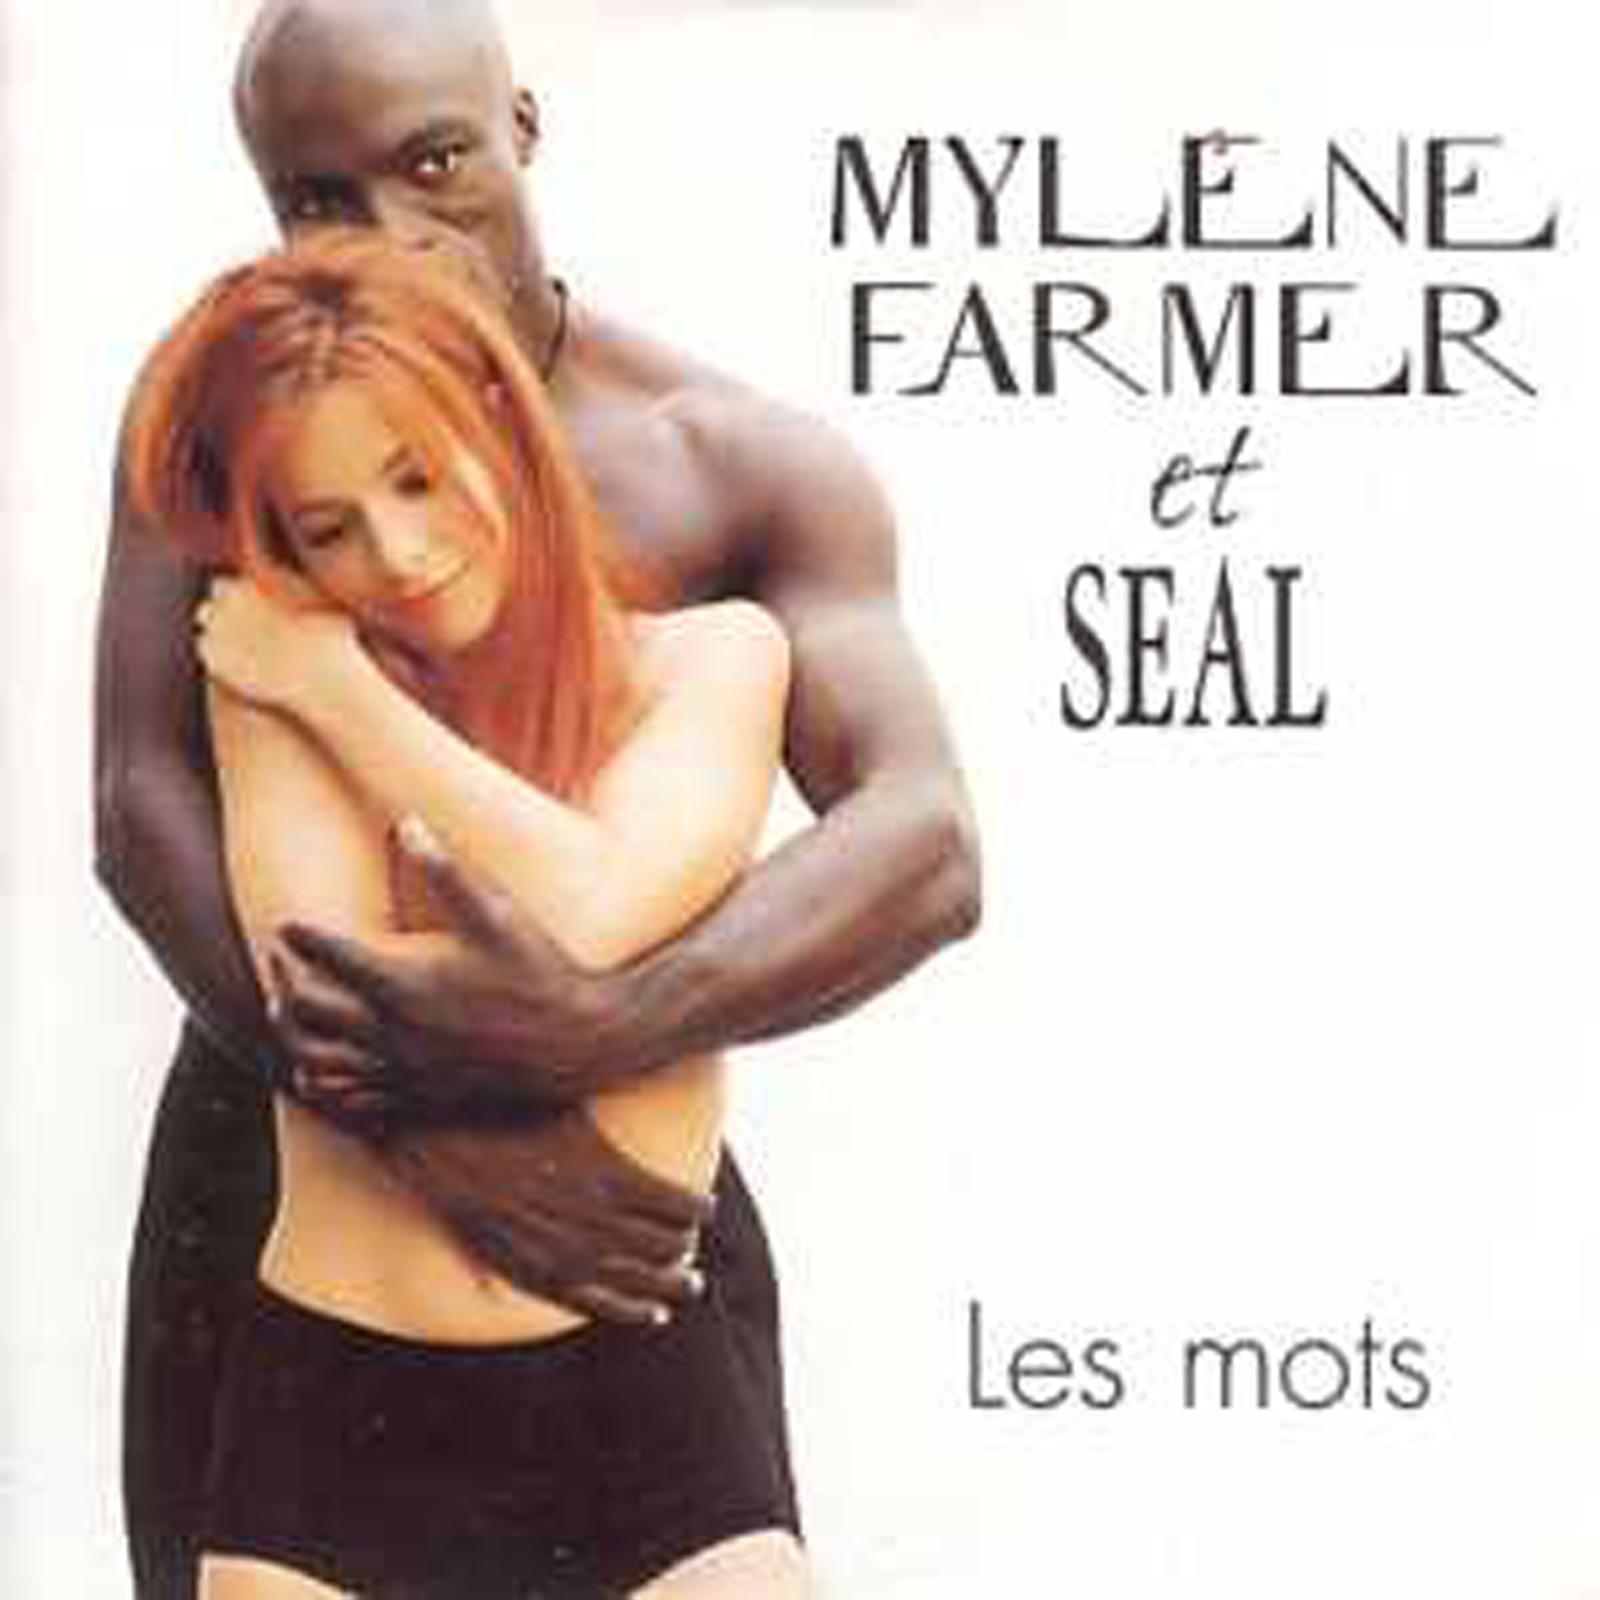 farmer063 dans Mylène en DUOS